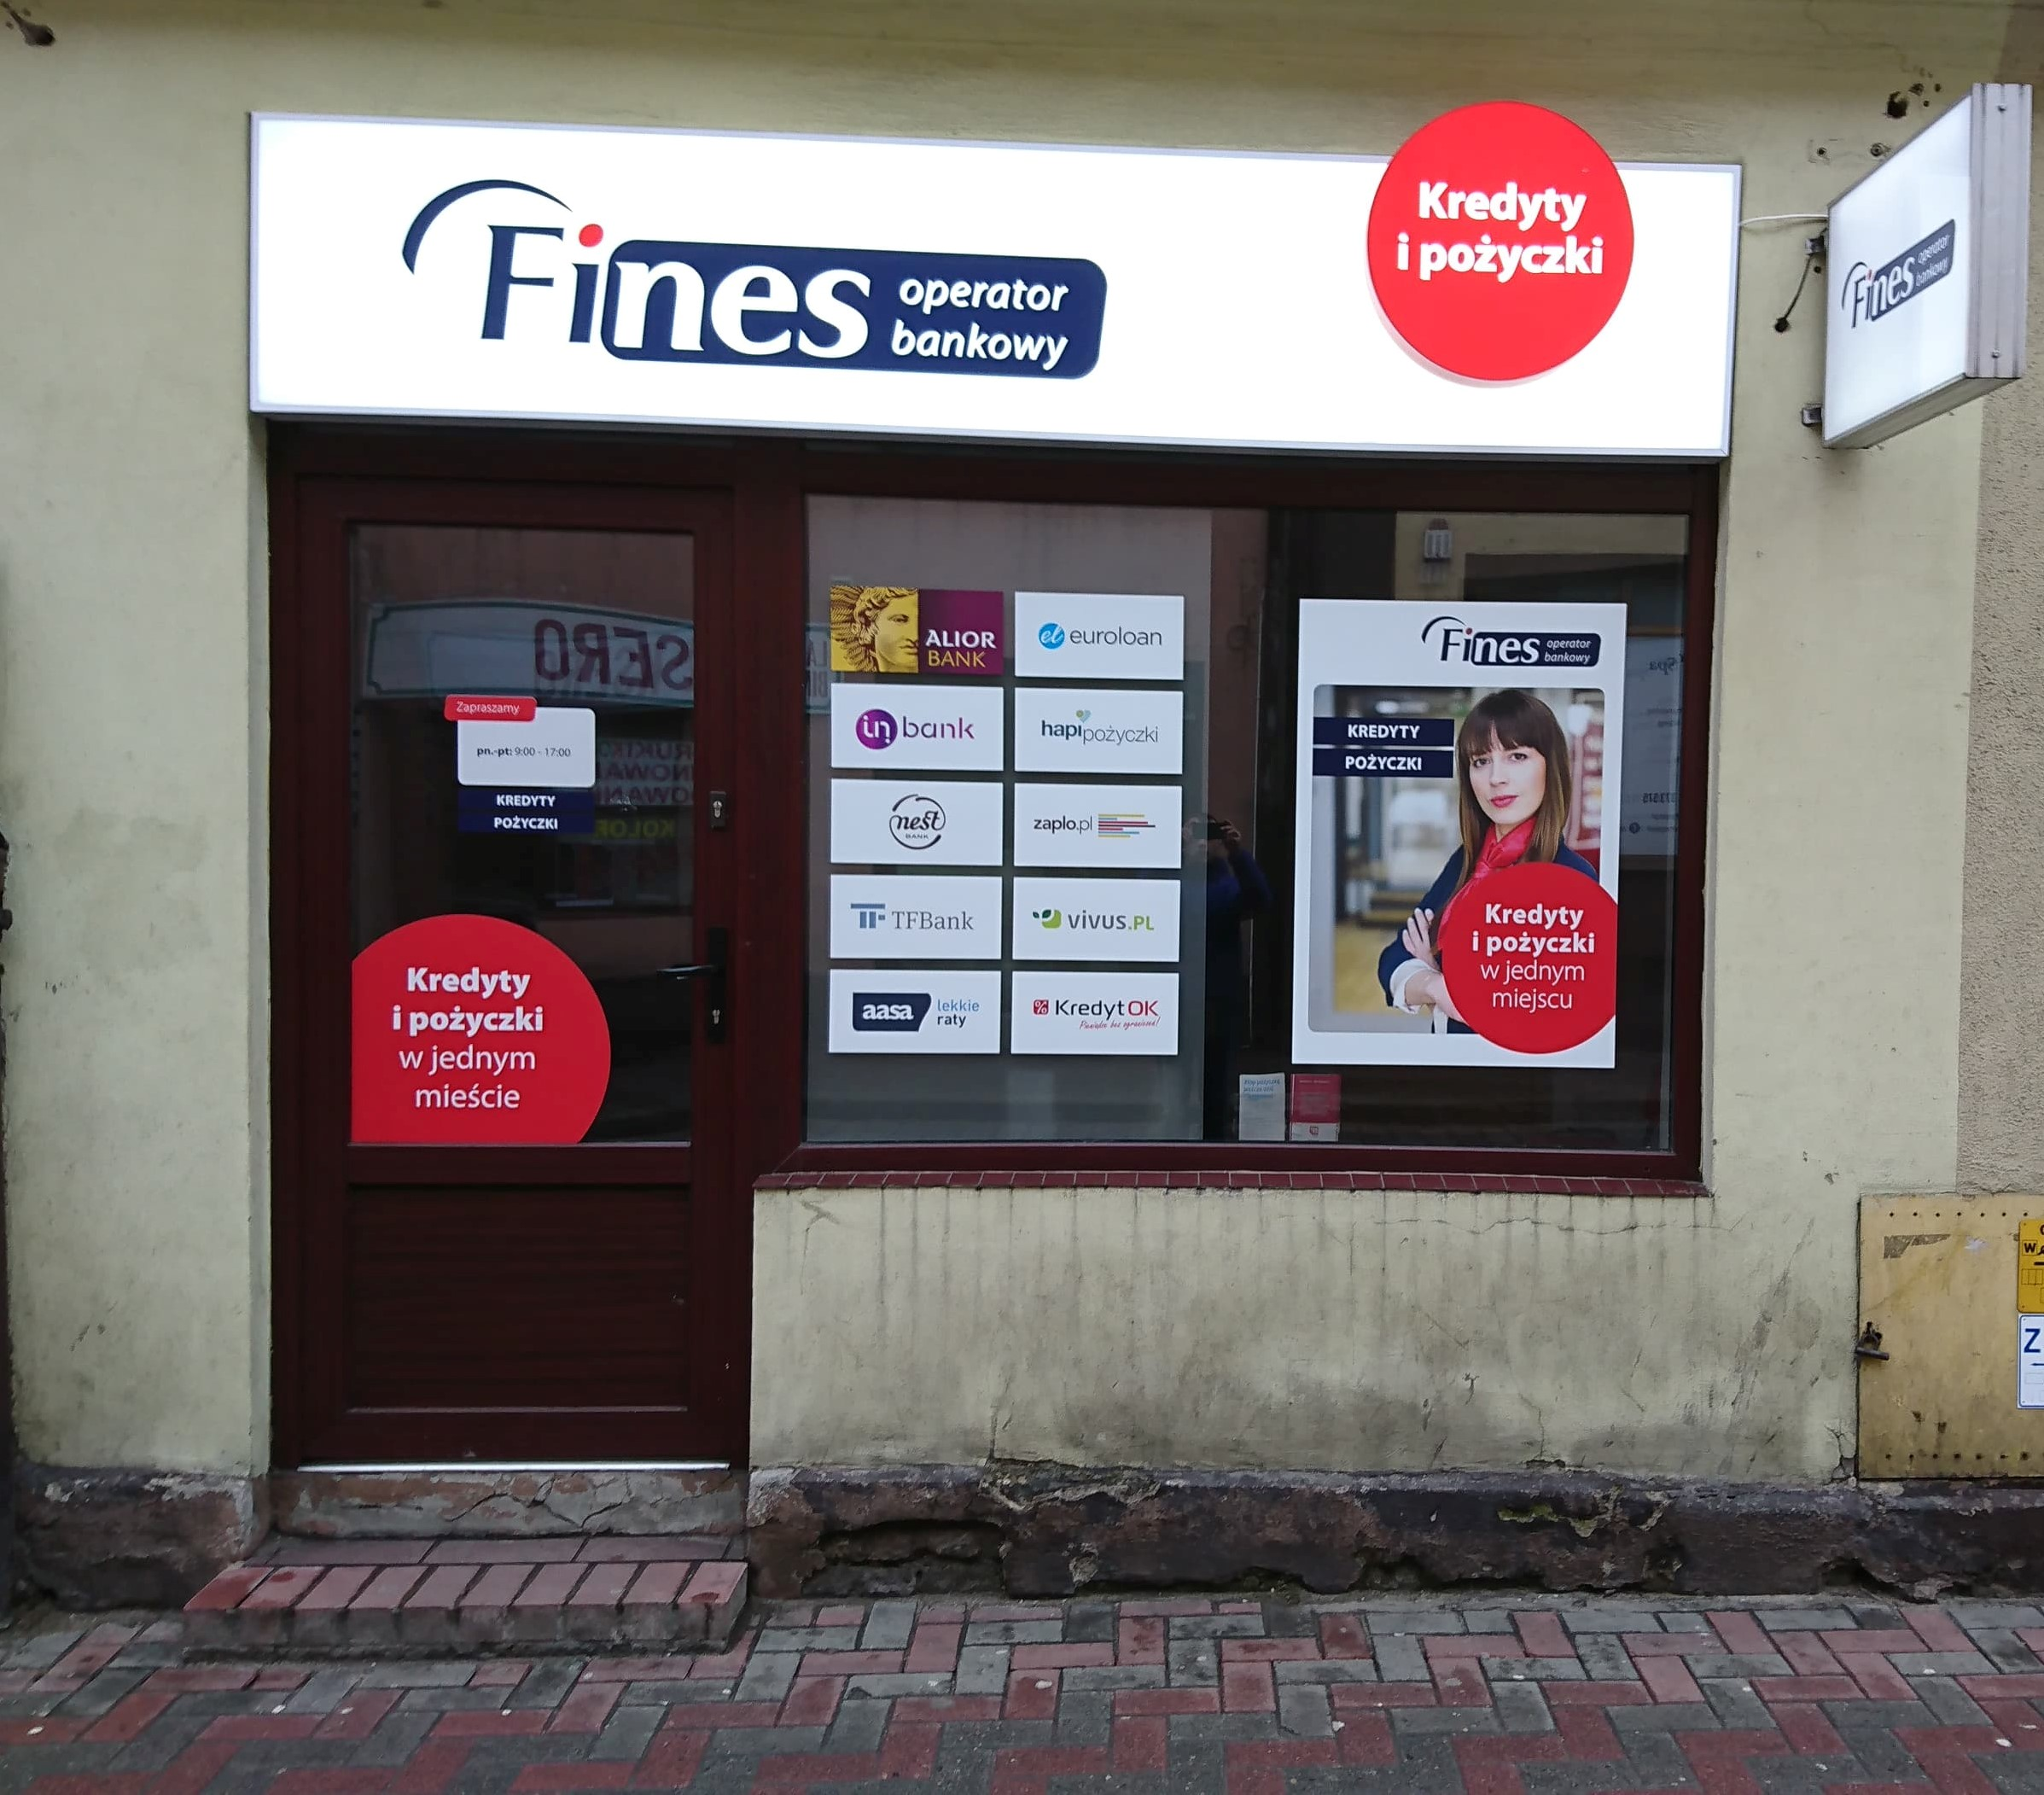 Fines Ostrów Wielkopolski